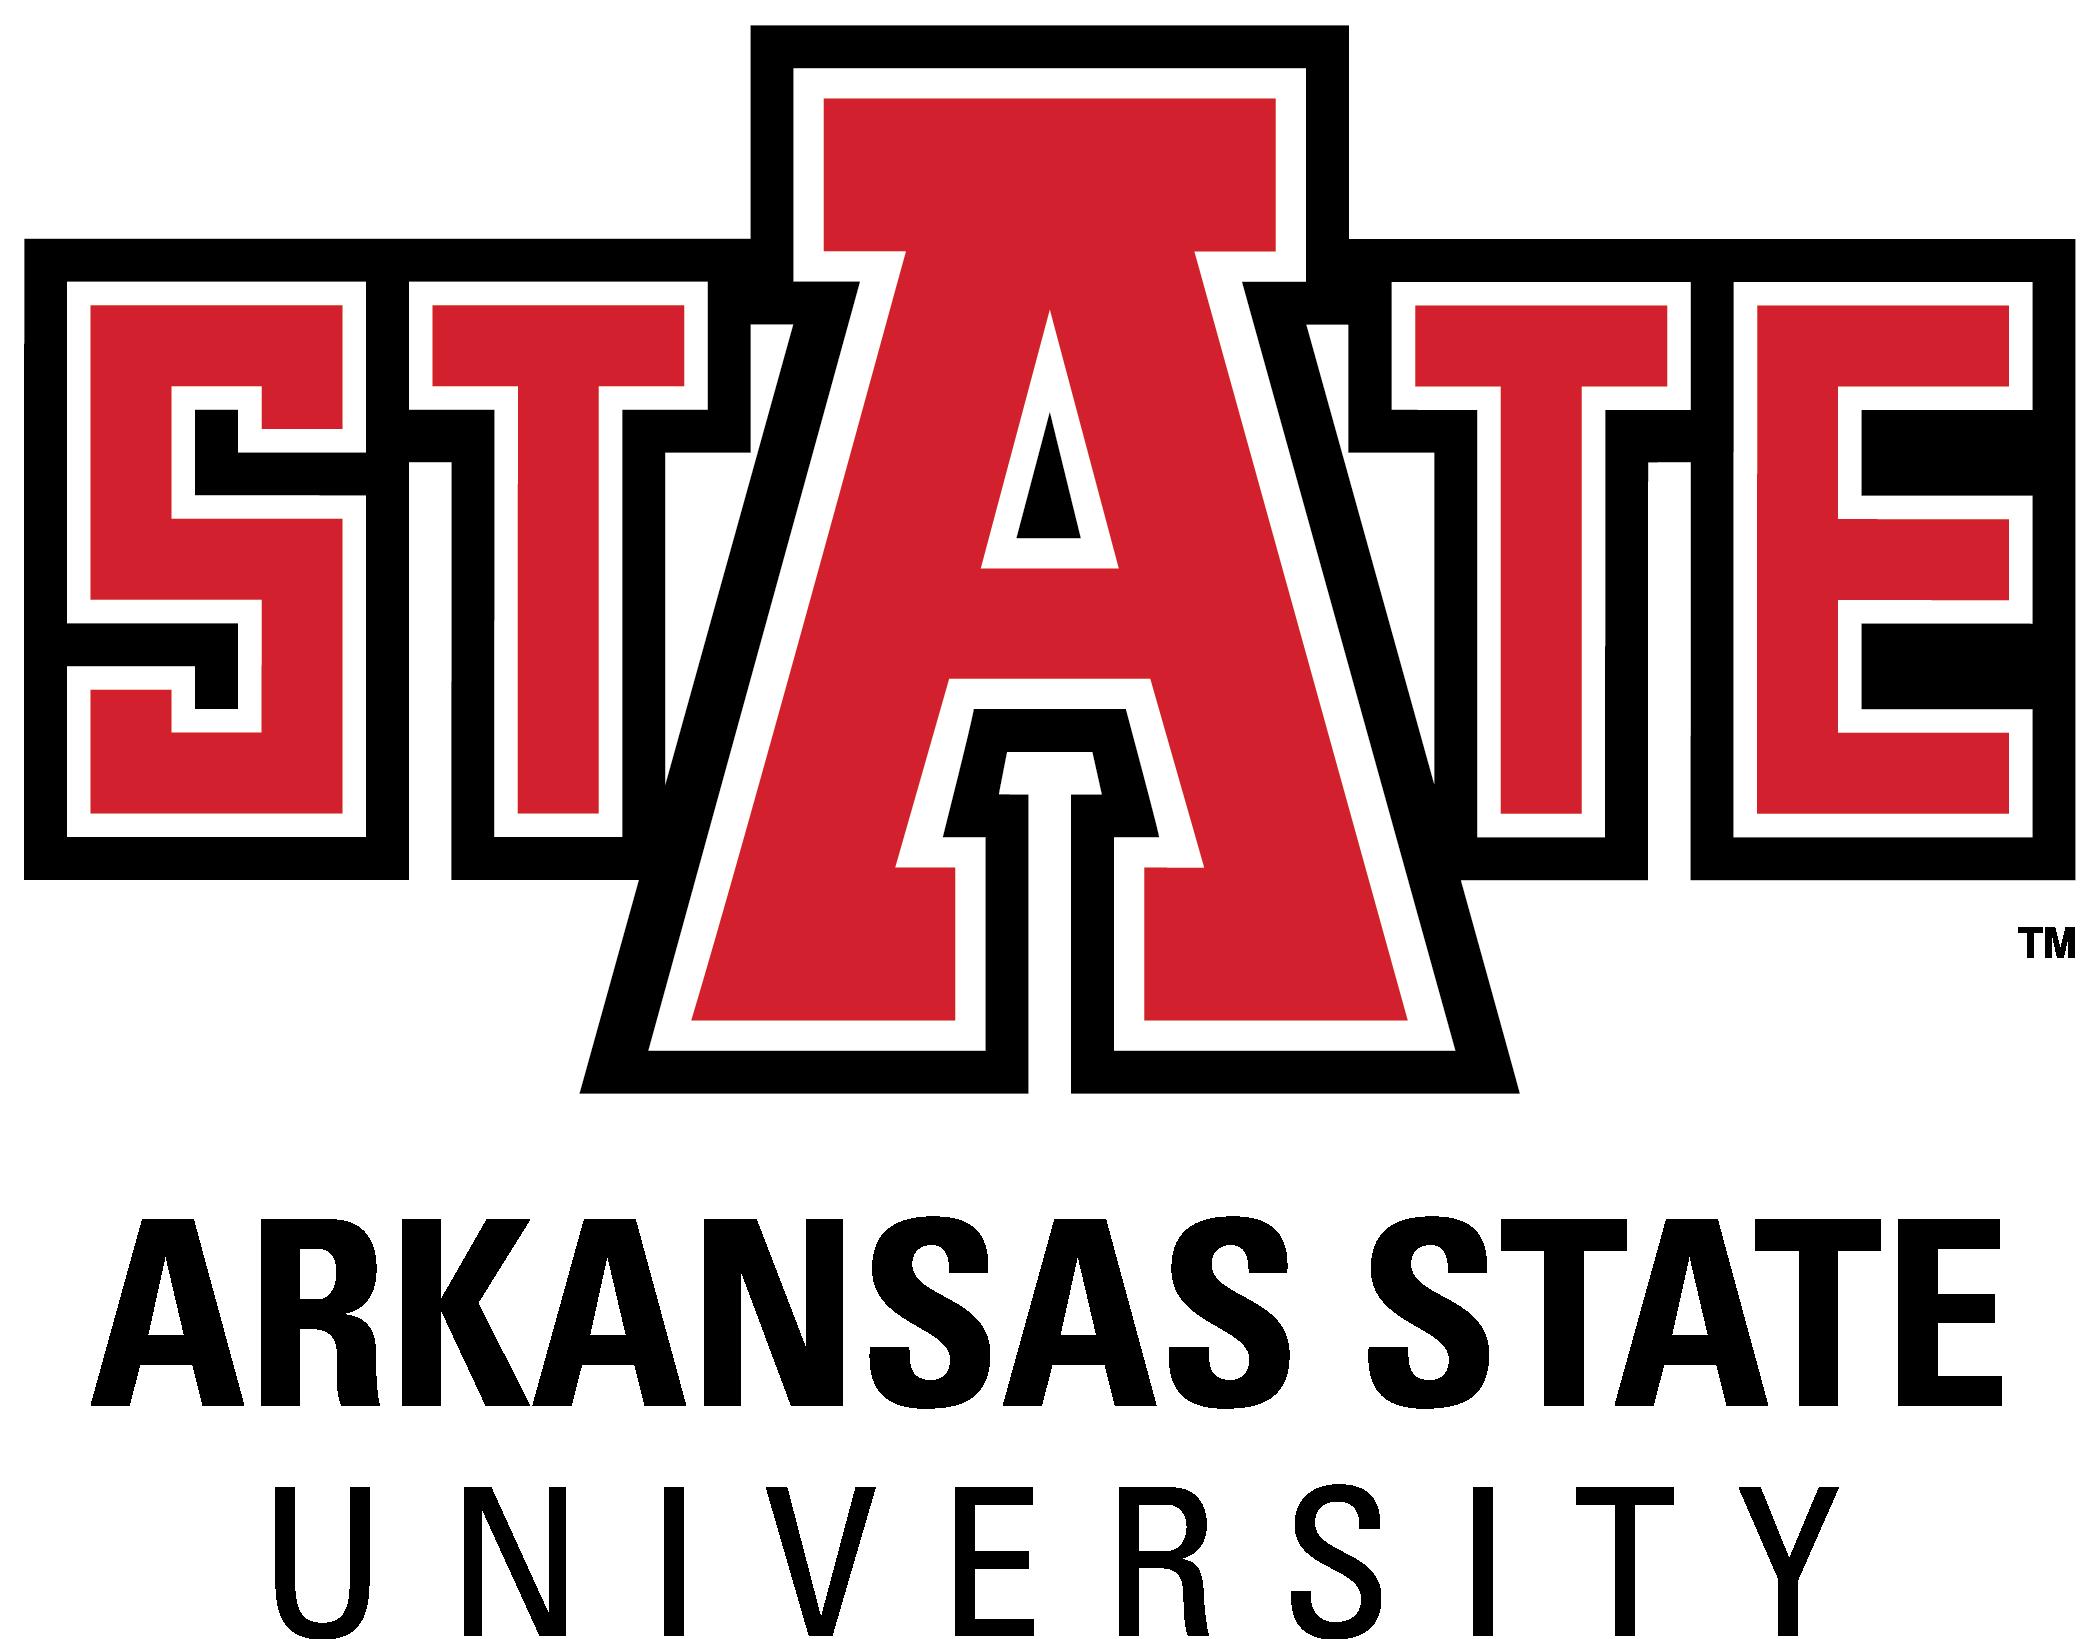 Arkansas university